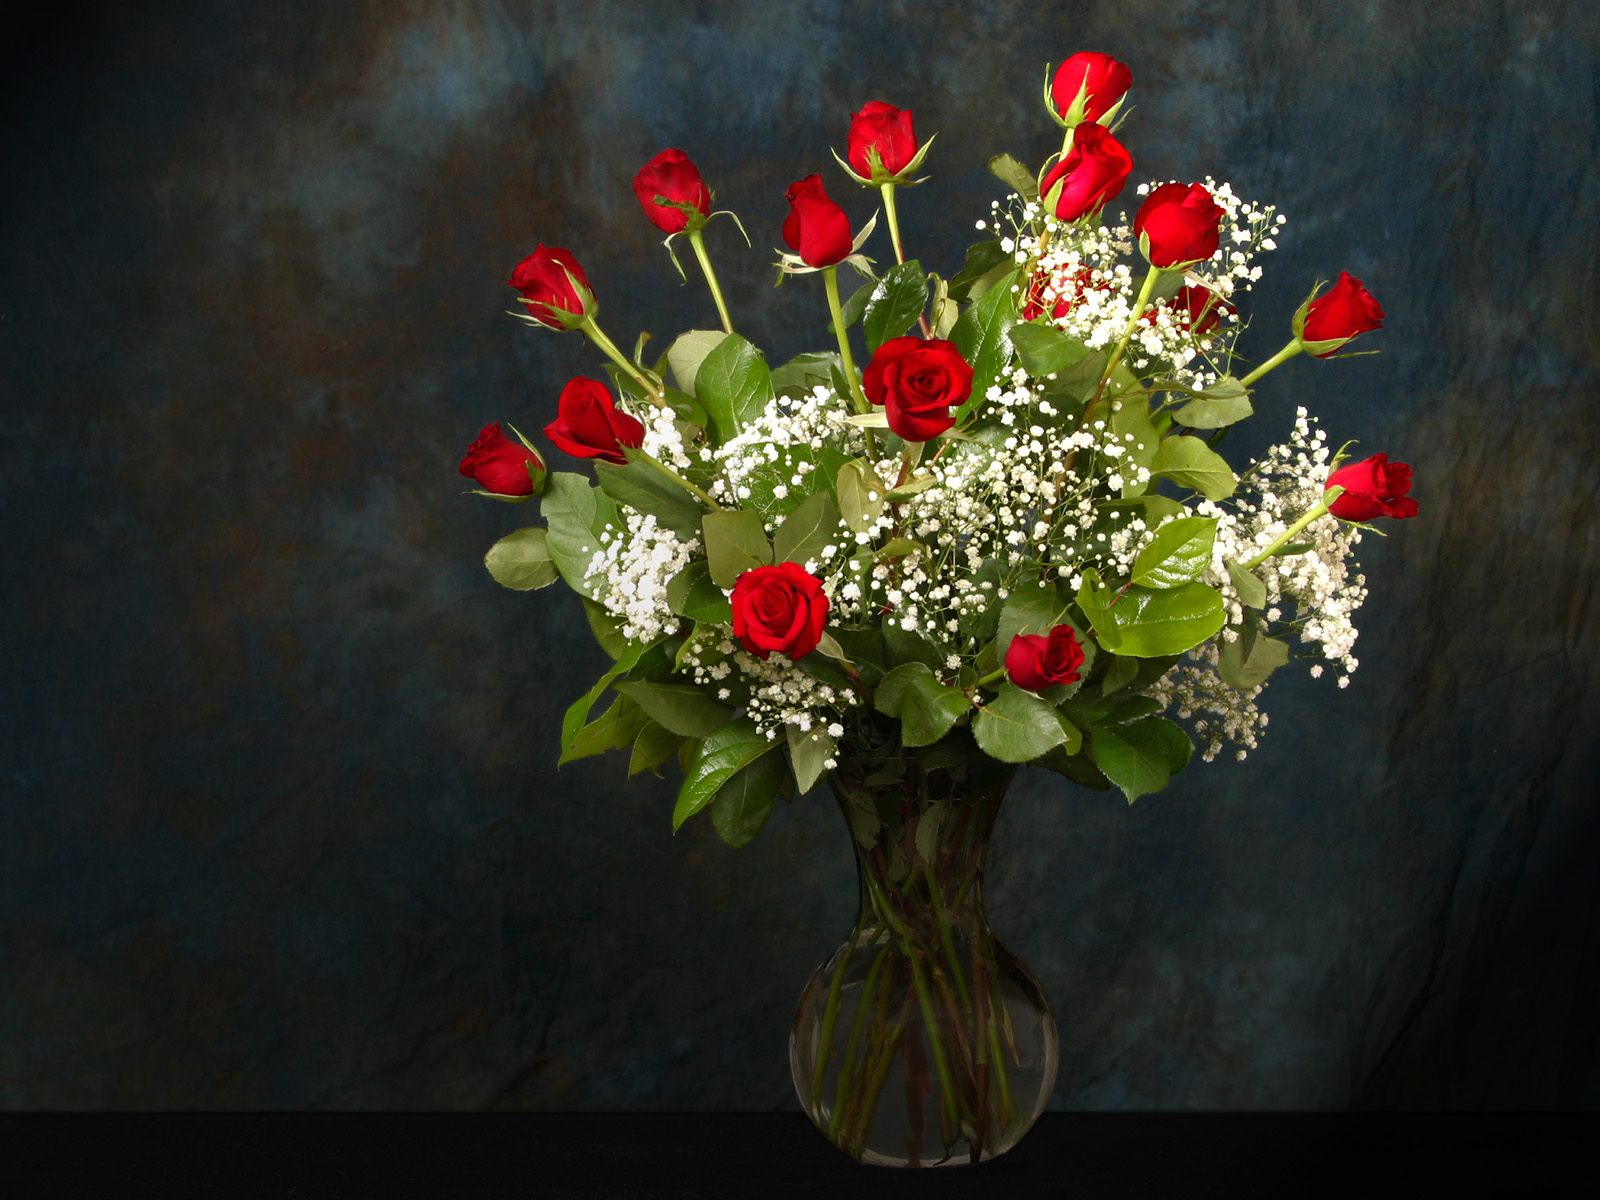 Изящный букет красных роз с мелкими белыми цветочками